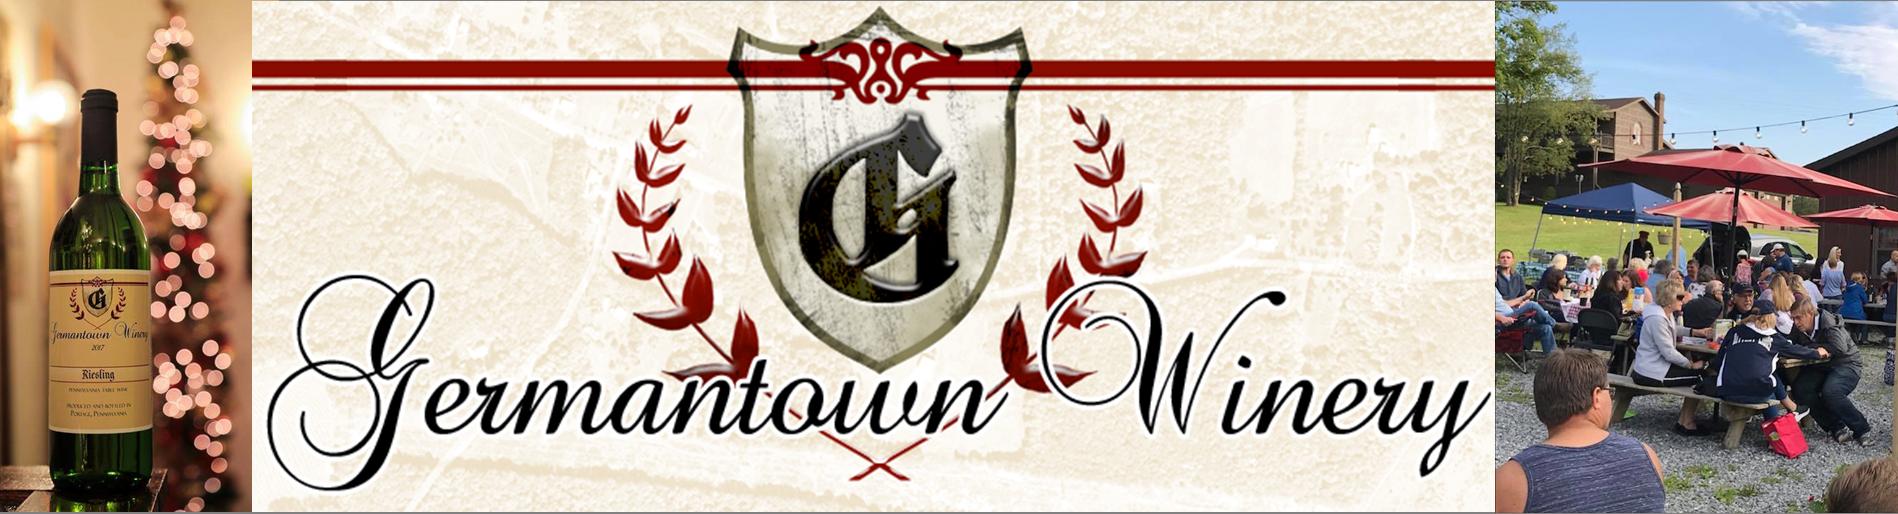 Visit Johnstown Pa | Germantown Winery